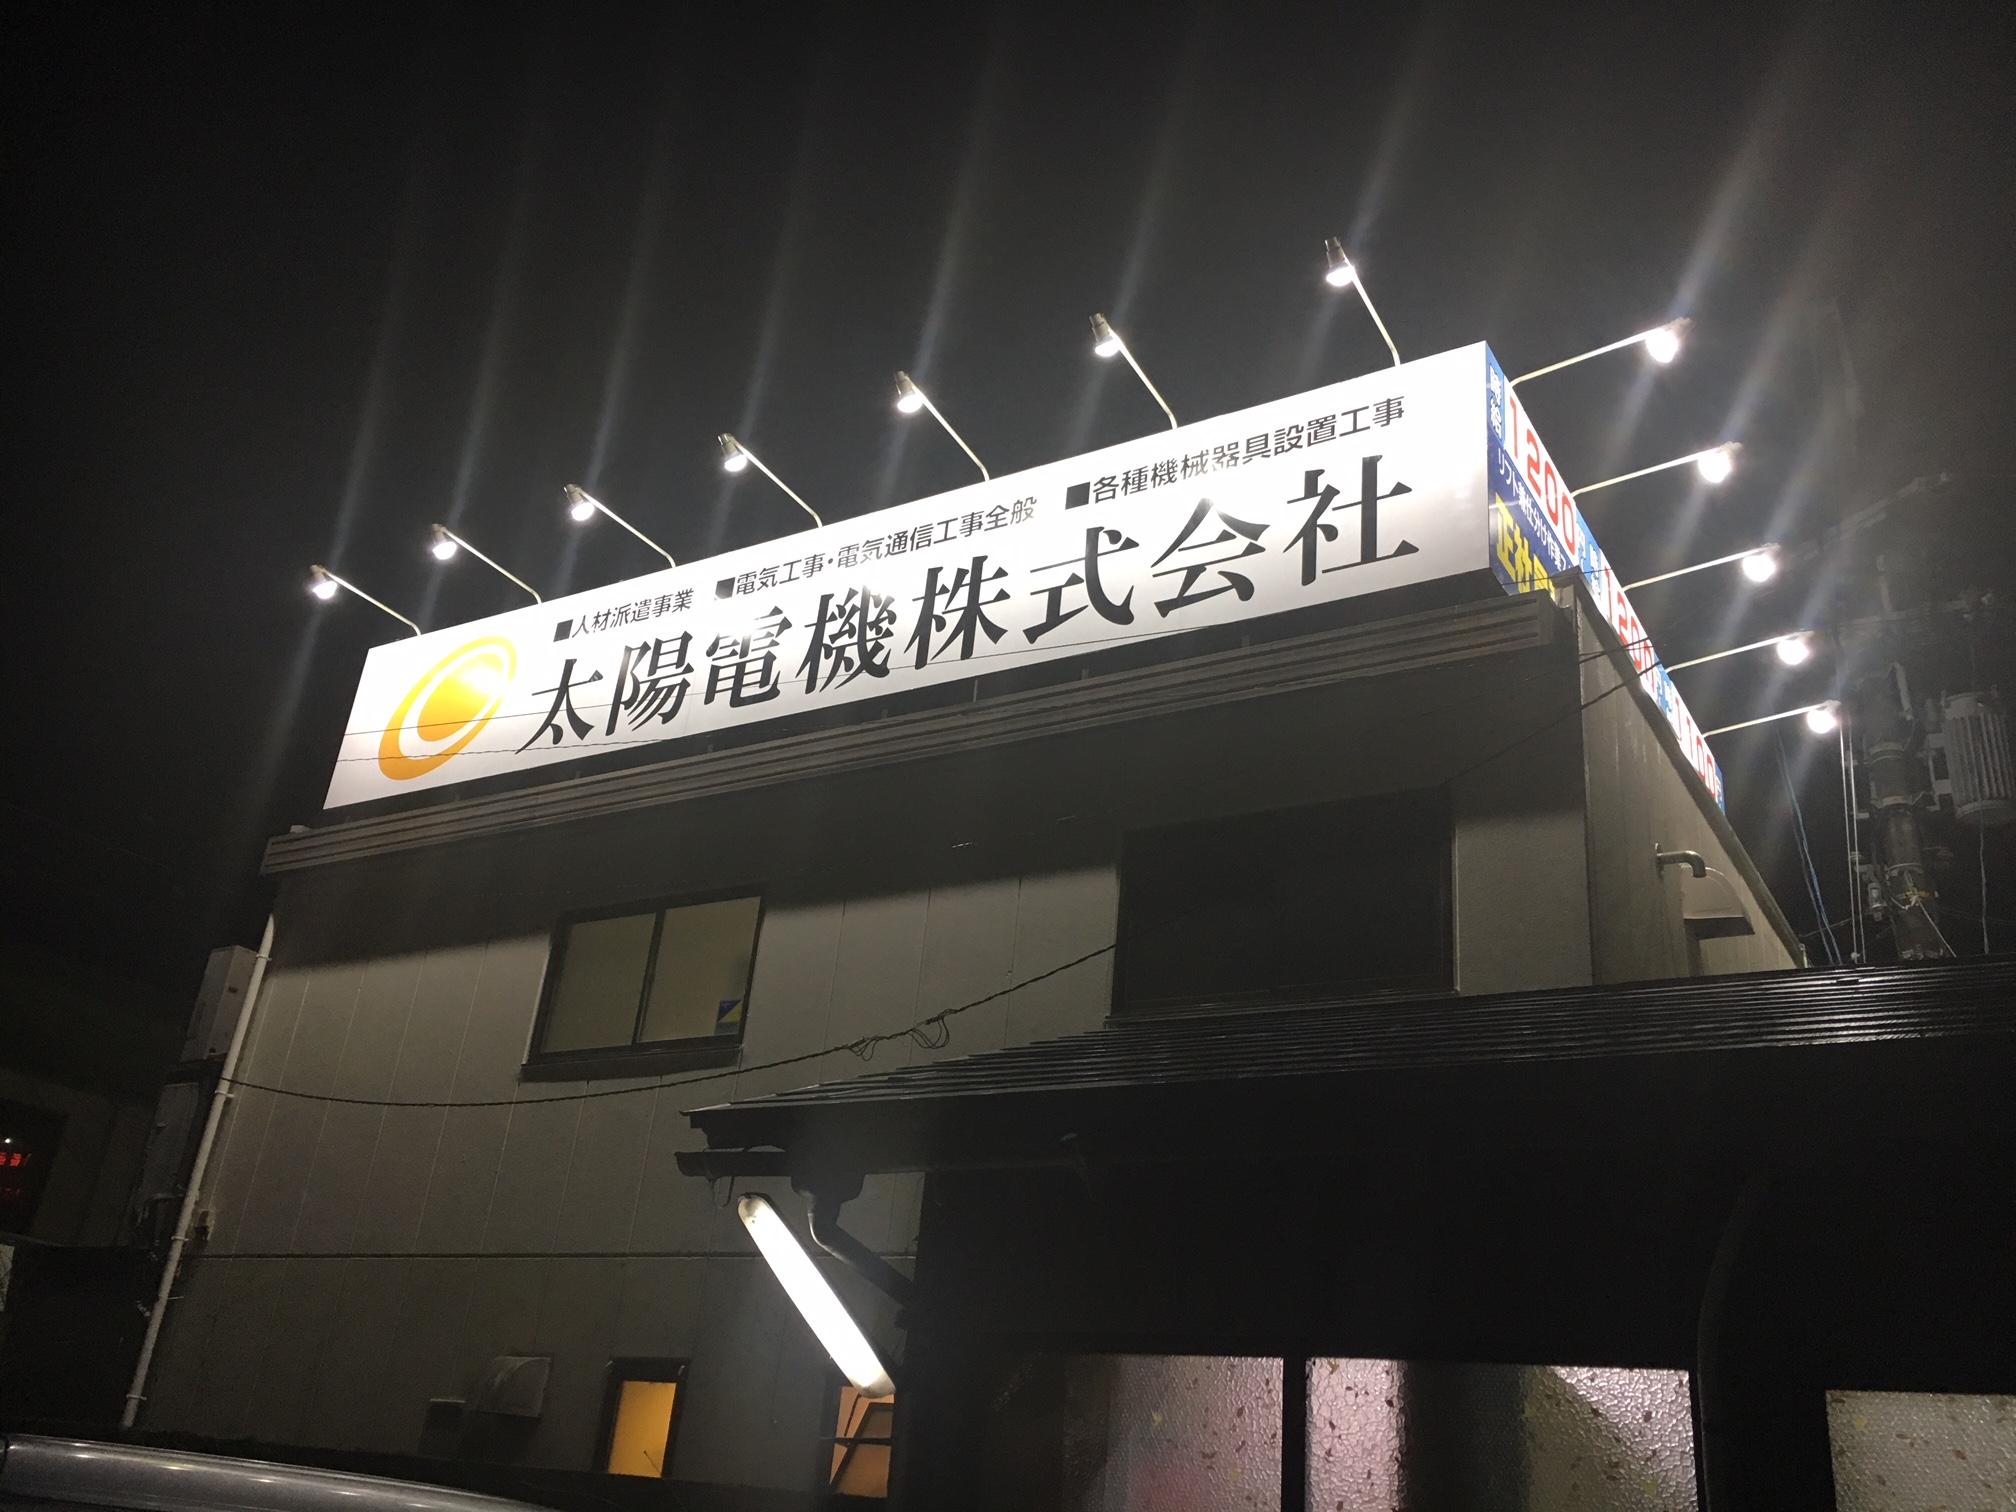 太陽電機株式会社